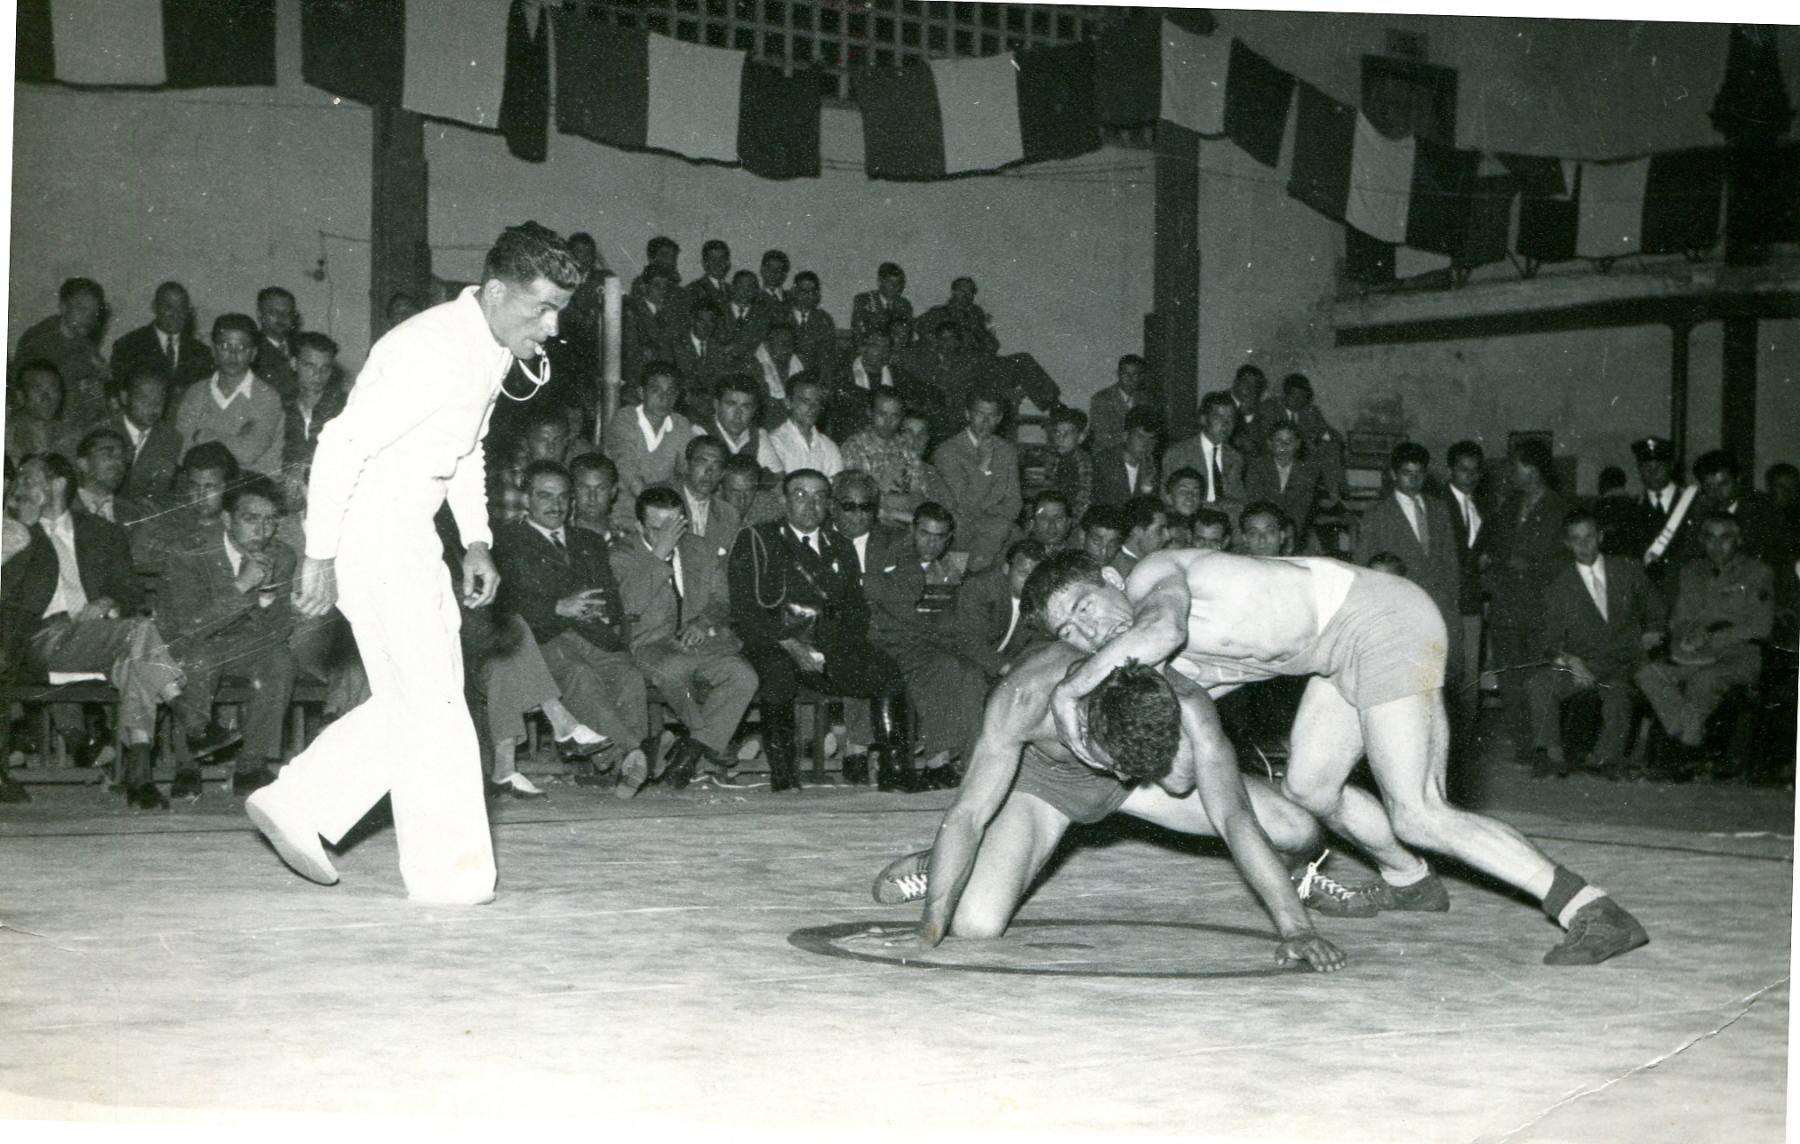 Vito Paparella arbitra una gara di lotta greco-romana